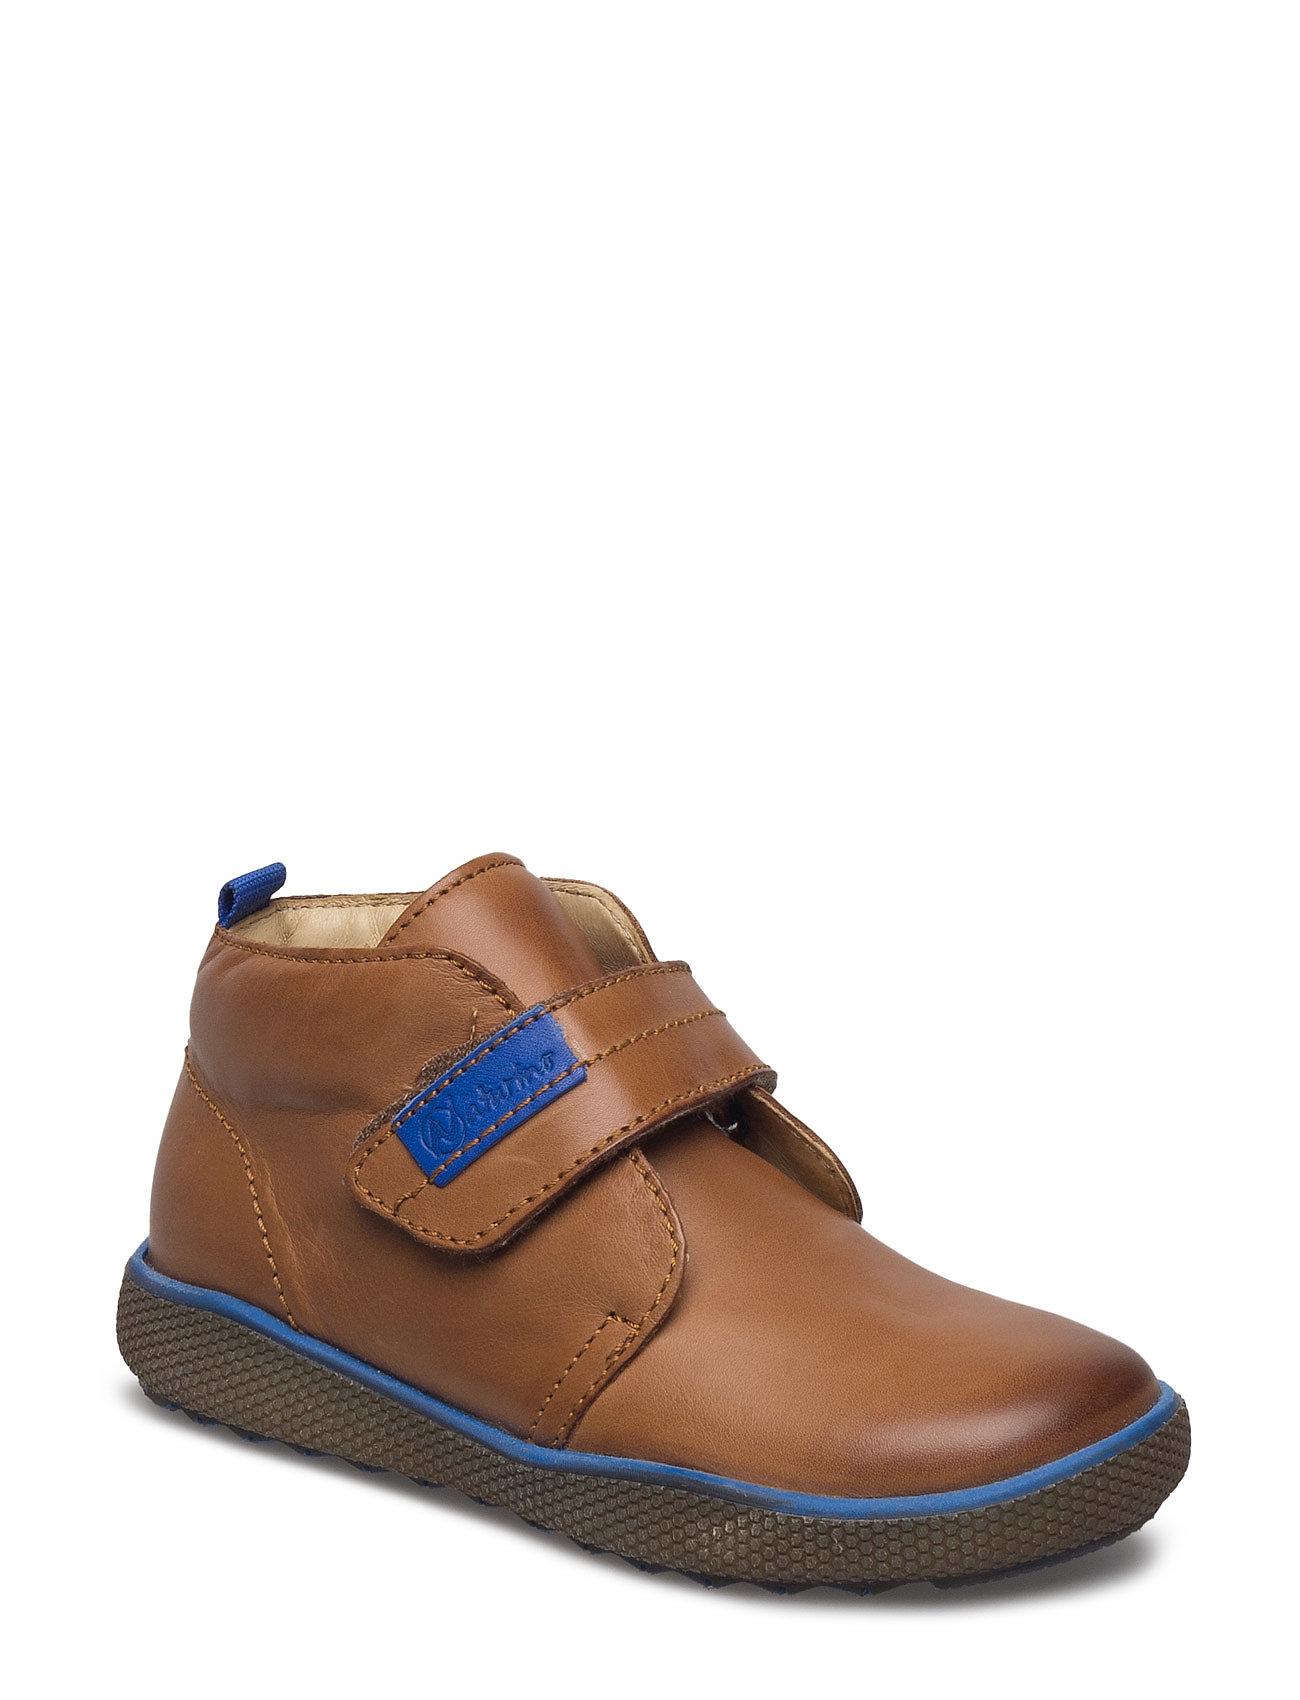 Naturino 5210 Vl Naturino Støvler til Børn i